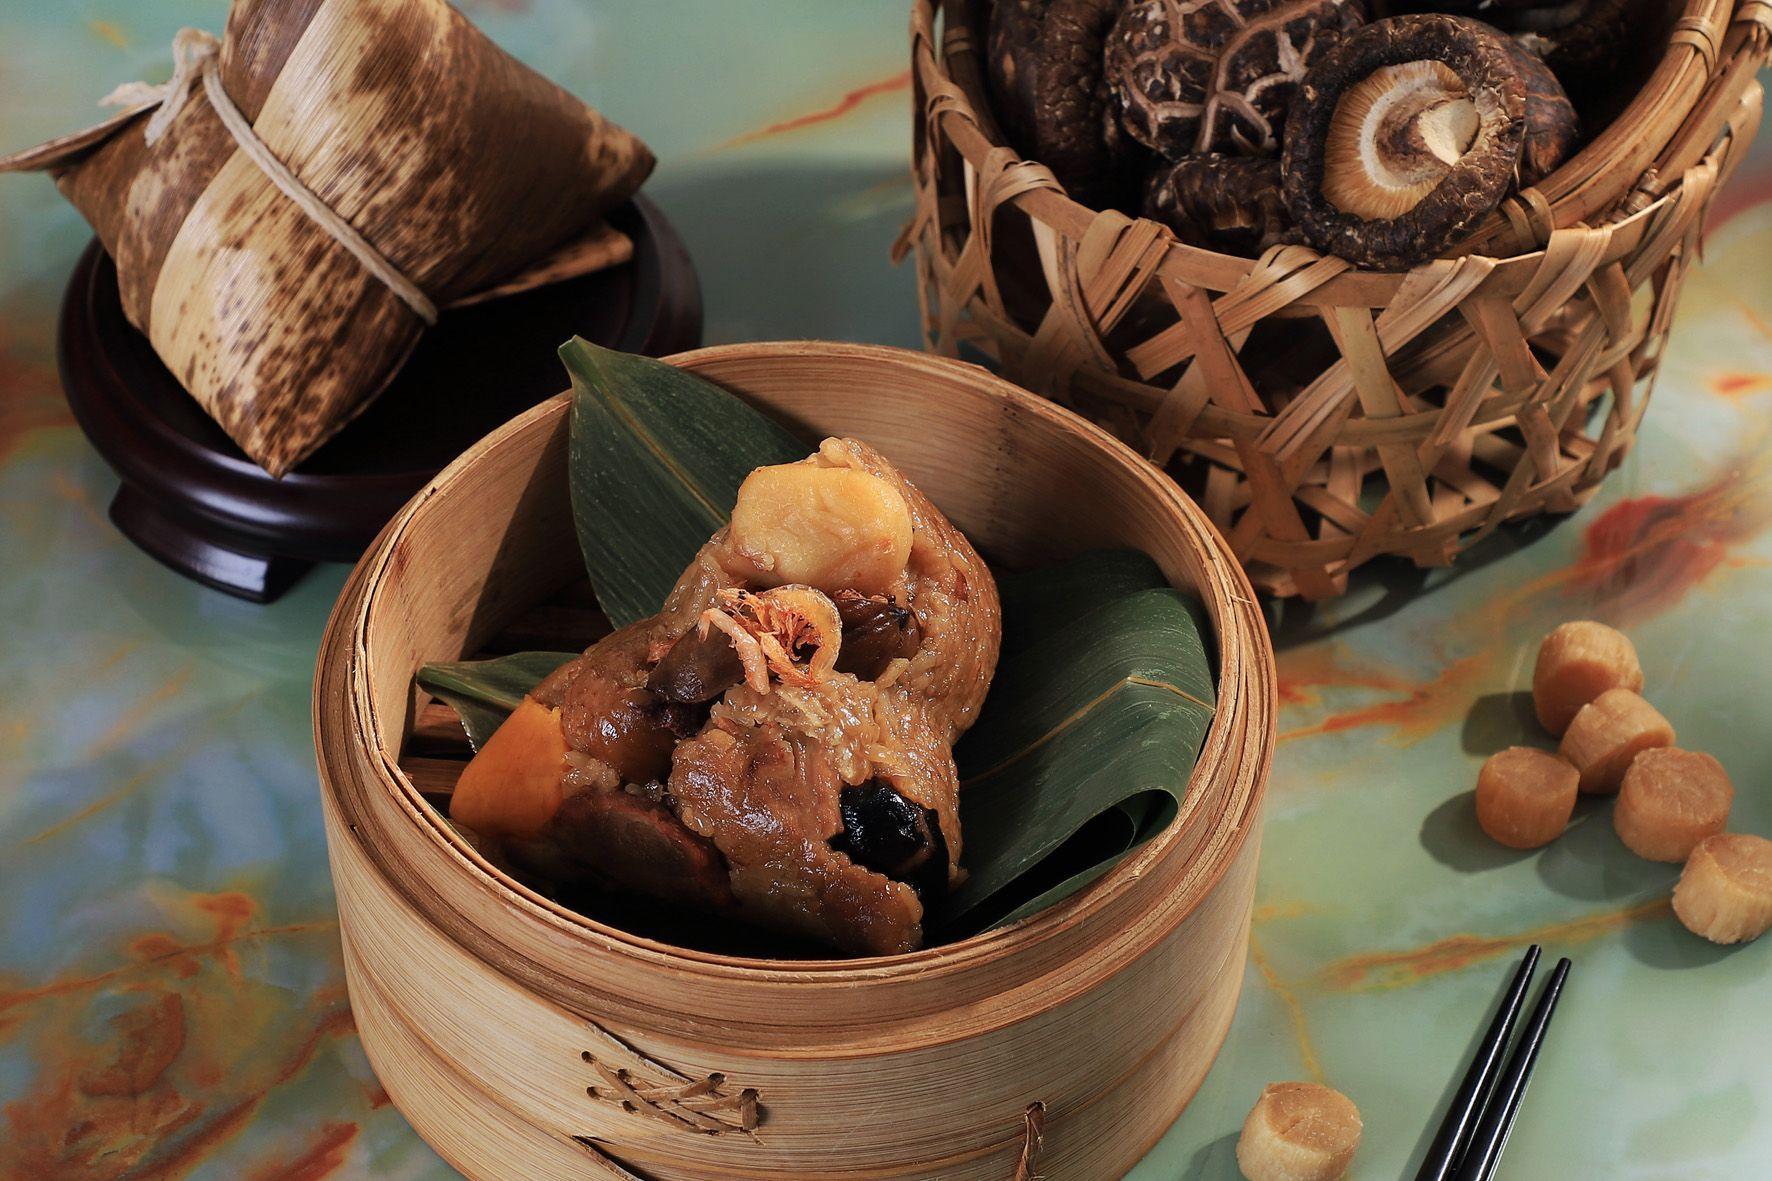 端午節吃粽子。(圖片來源/台南晶英酒店)